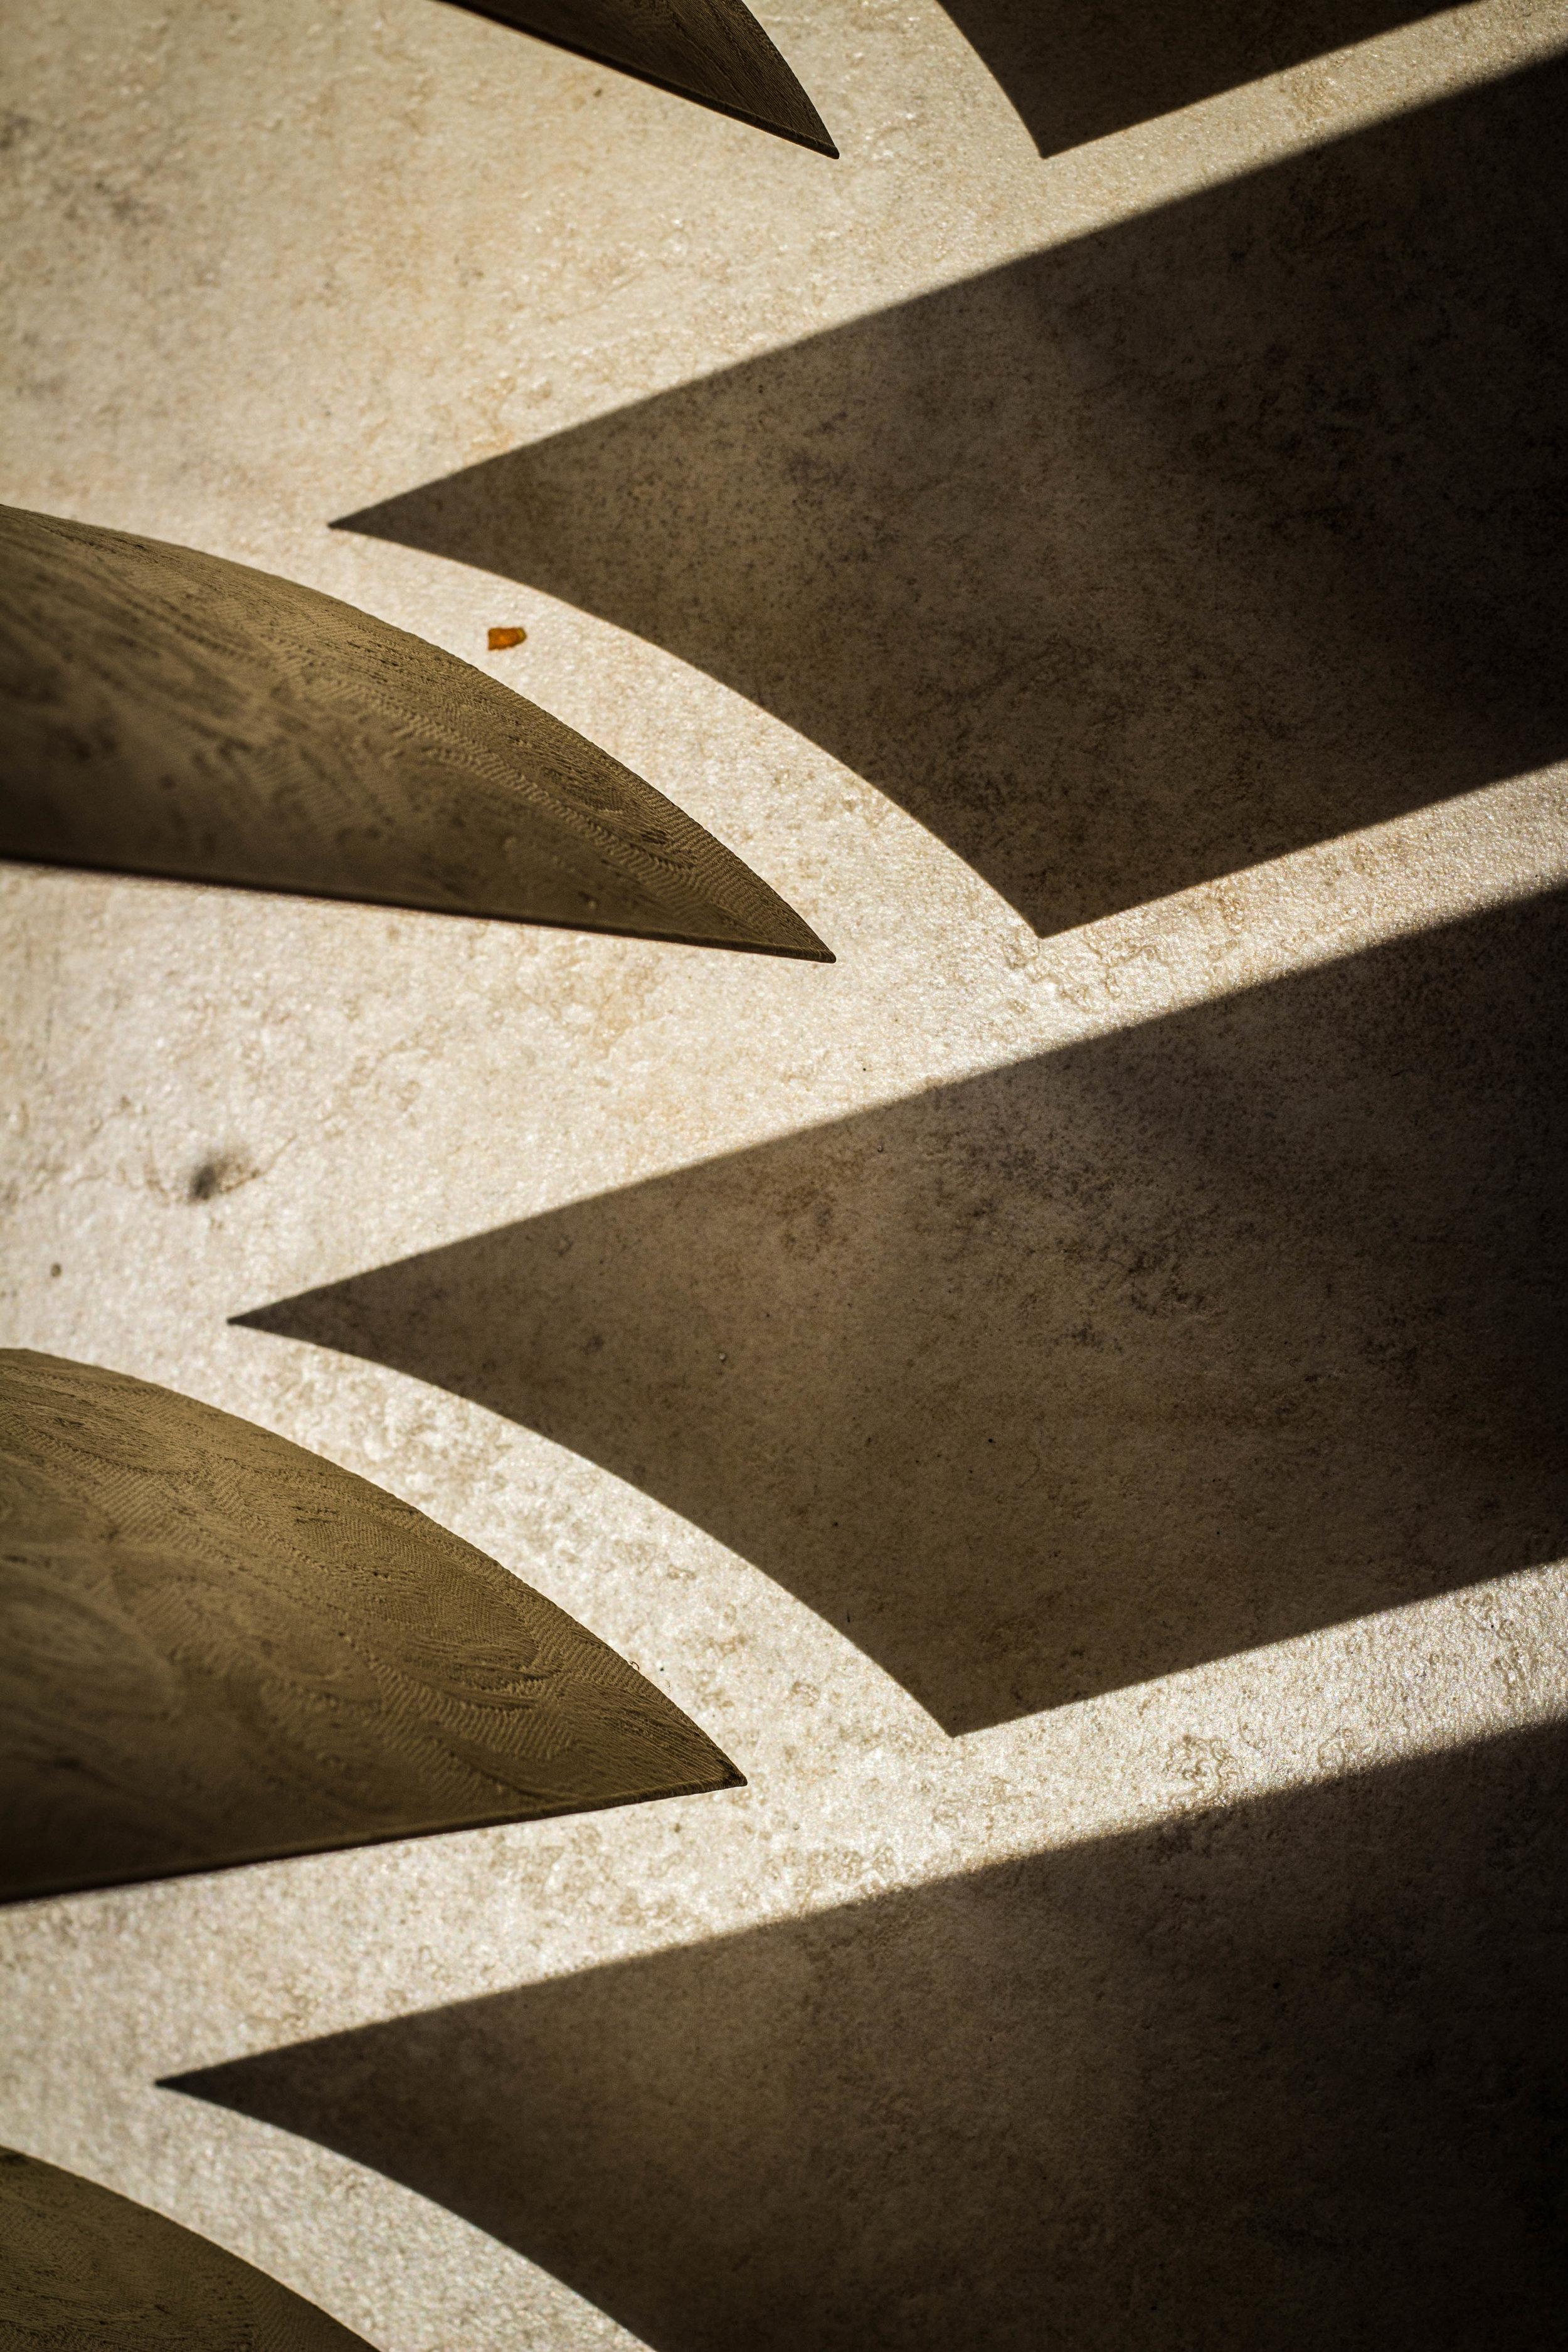 Shadow (1 of 1).jpg